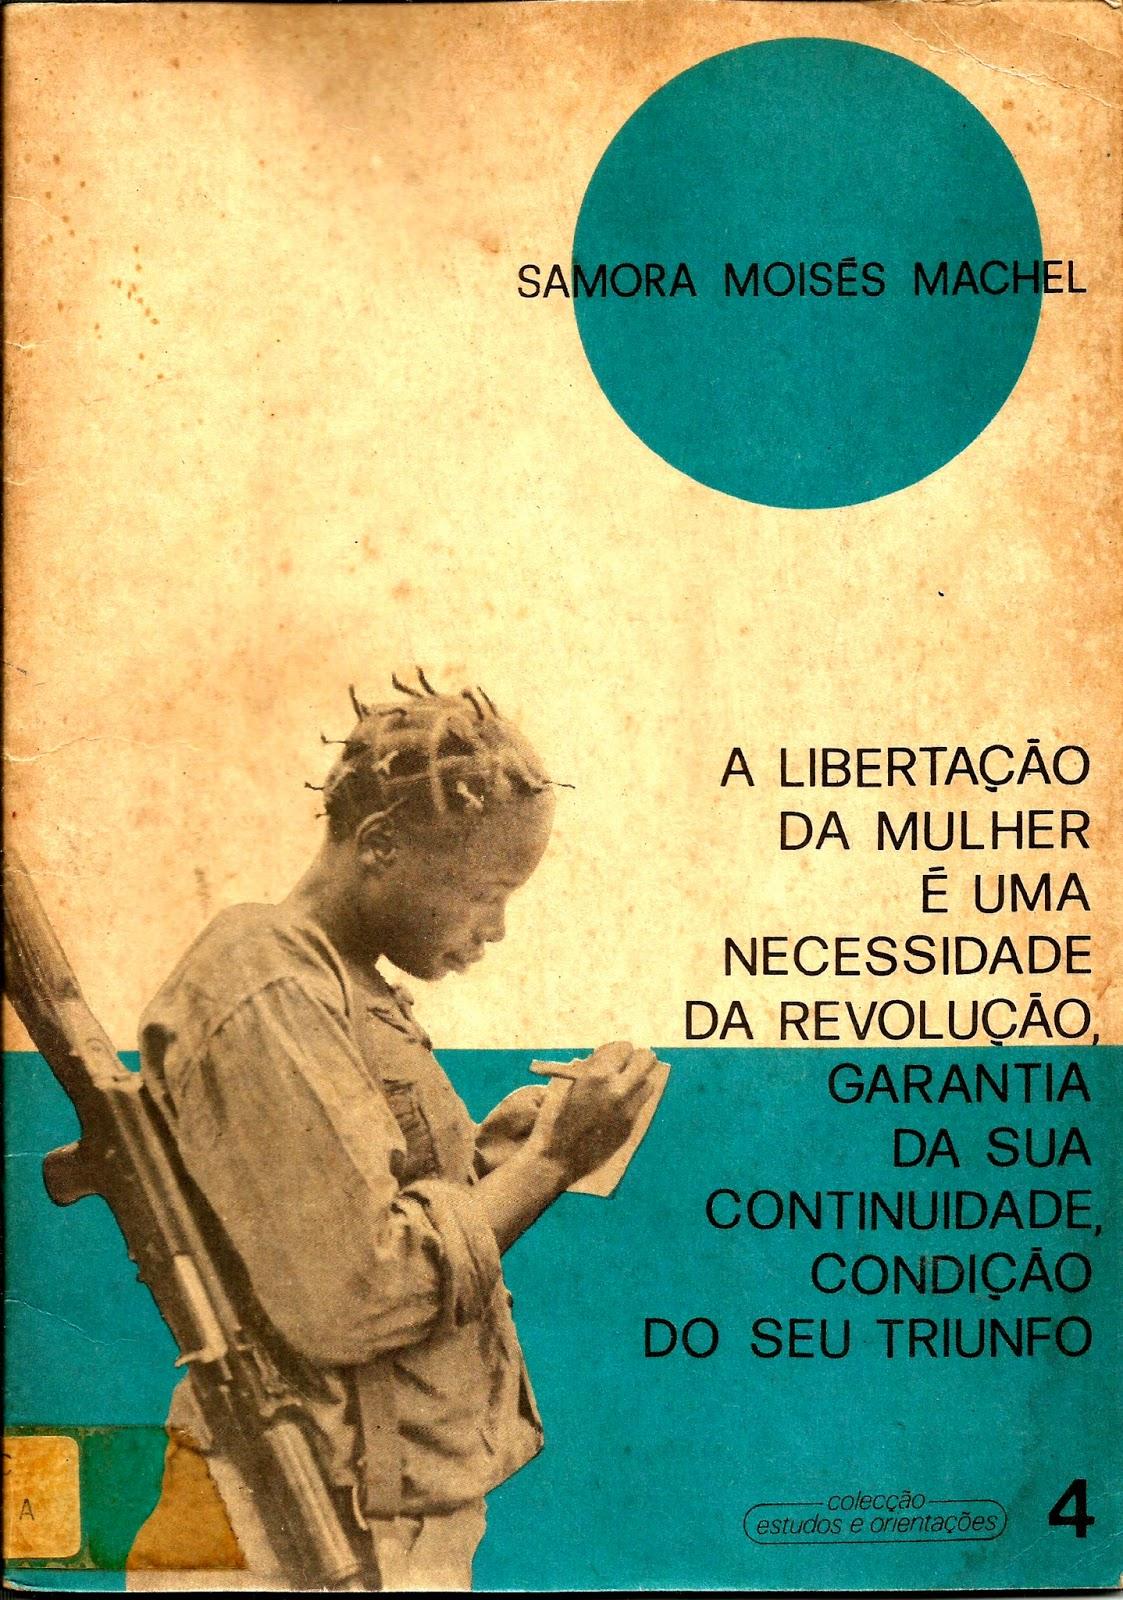 A libertação da mulher é uma necessidade da revolução, garantia da sua continuidade, condição do seu triunfo